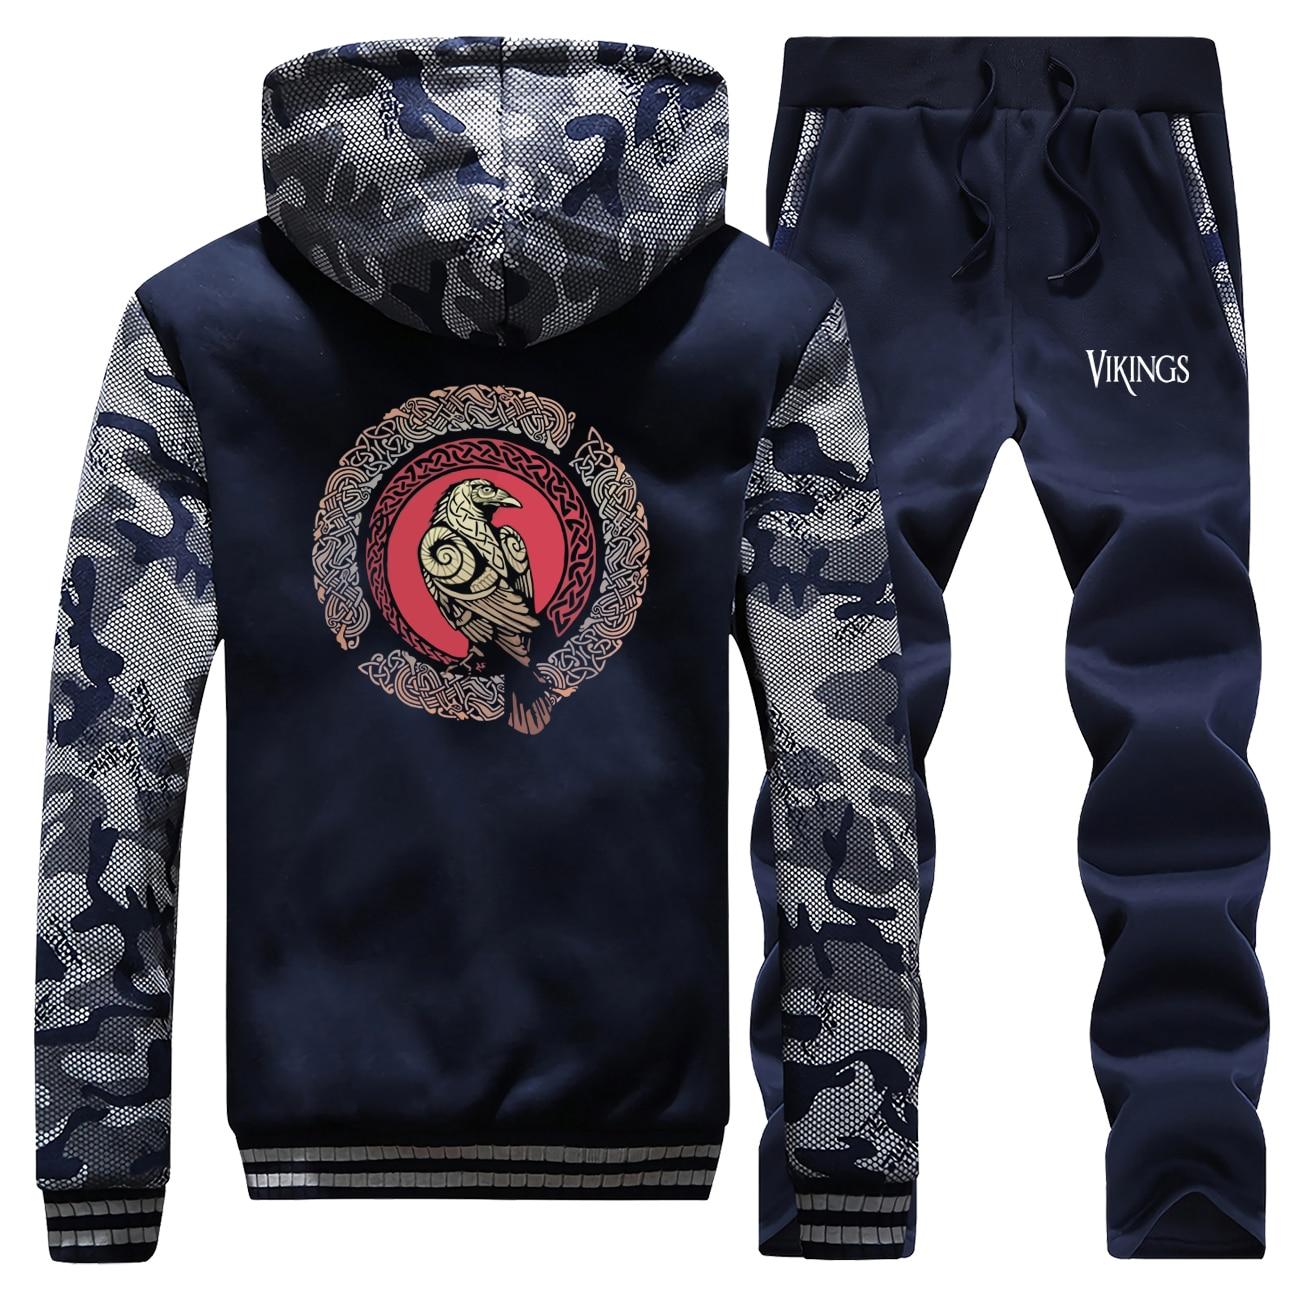 TV Show Viking Jacket Ragnar's Raven Men Fashion Casual Hoodies Sweatshirt Winter Jacket+Pants 2 Piece Sets Warm Suit Tracksuit